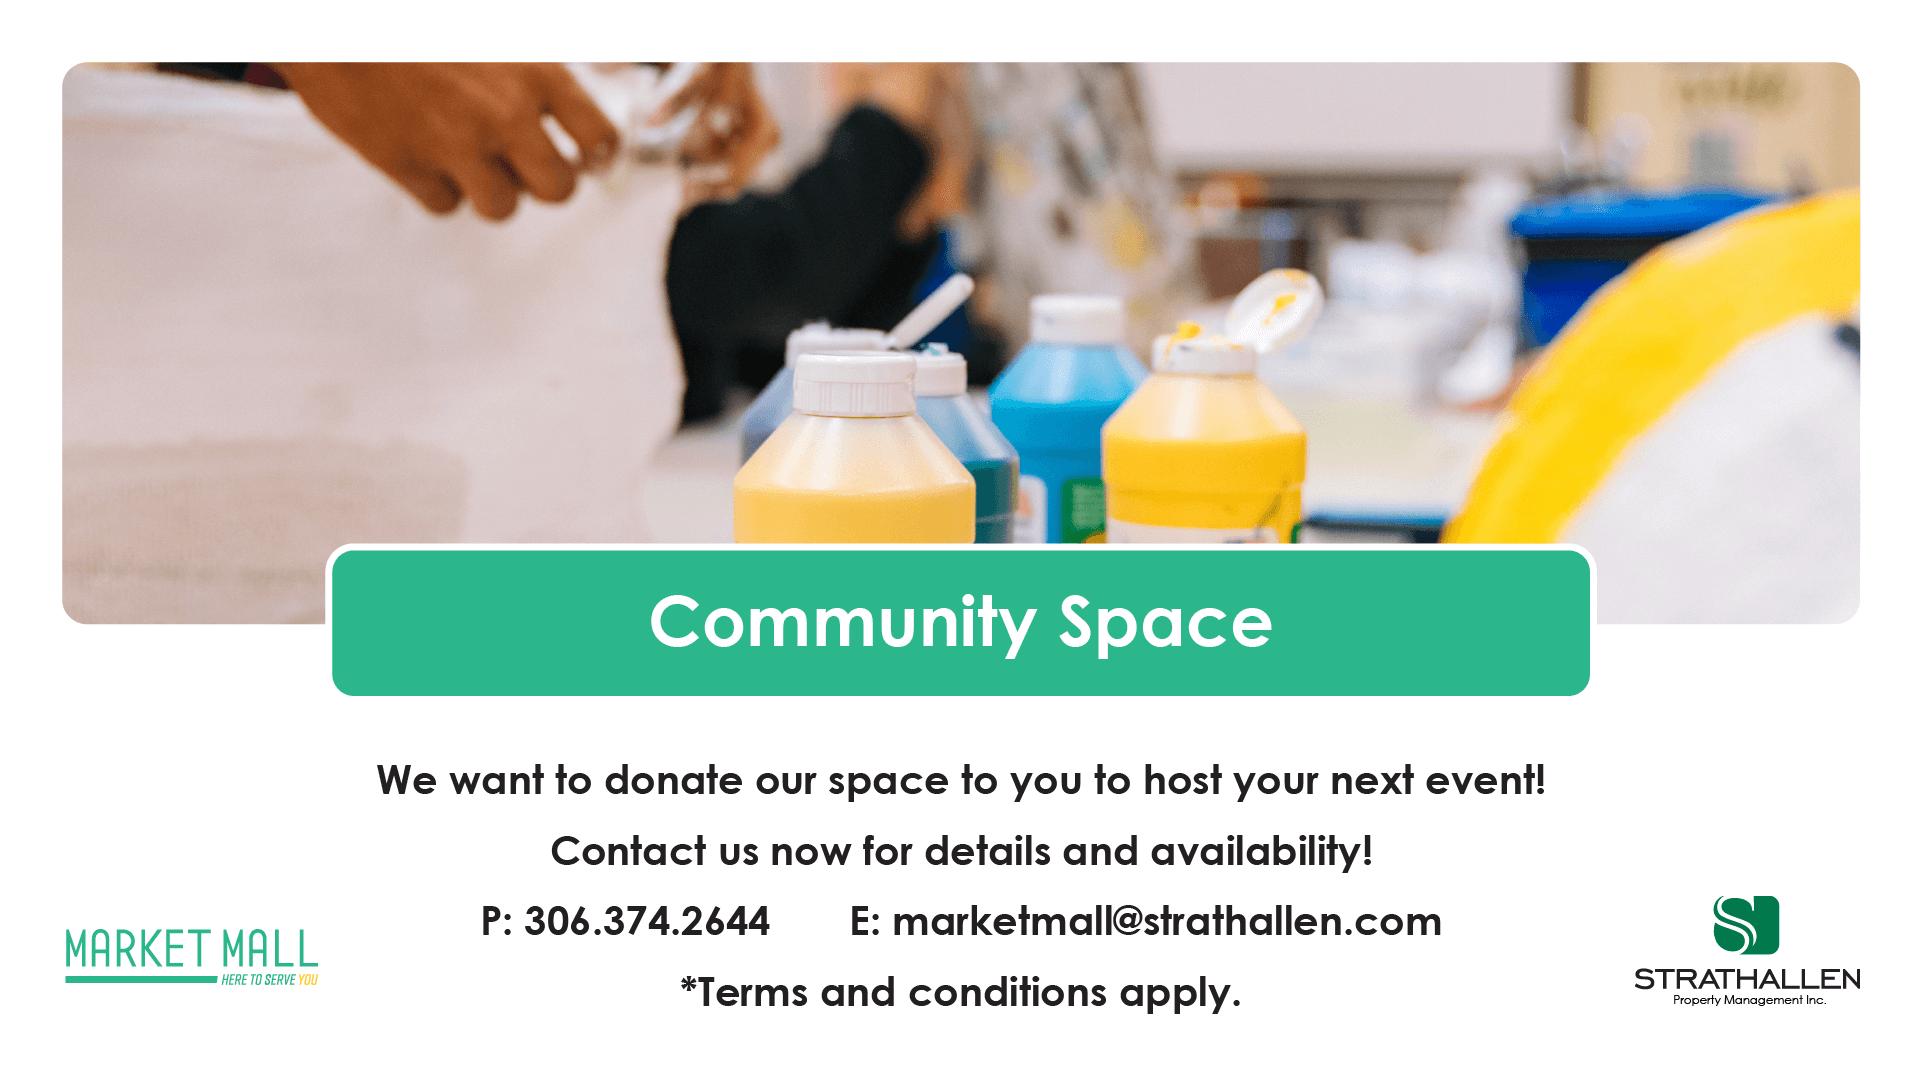 Community-Space-Banners_Market-Mall-p2azlpiietl4uqxkx9zw6y1csg9dnpjua3x6b8r5tc